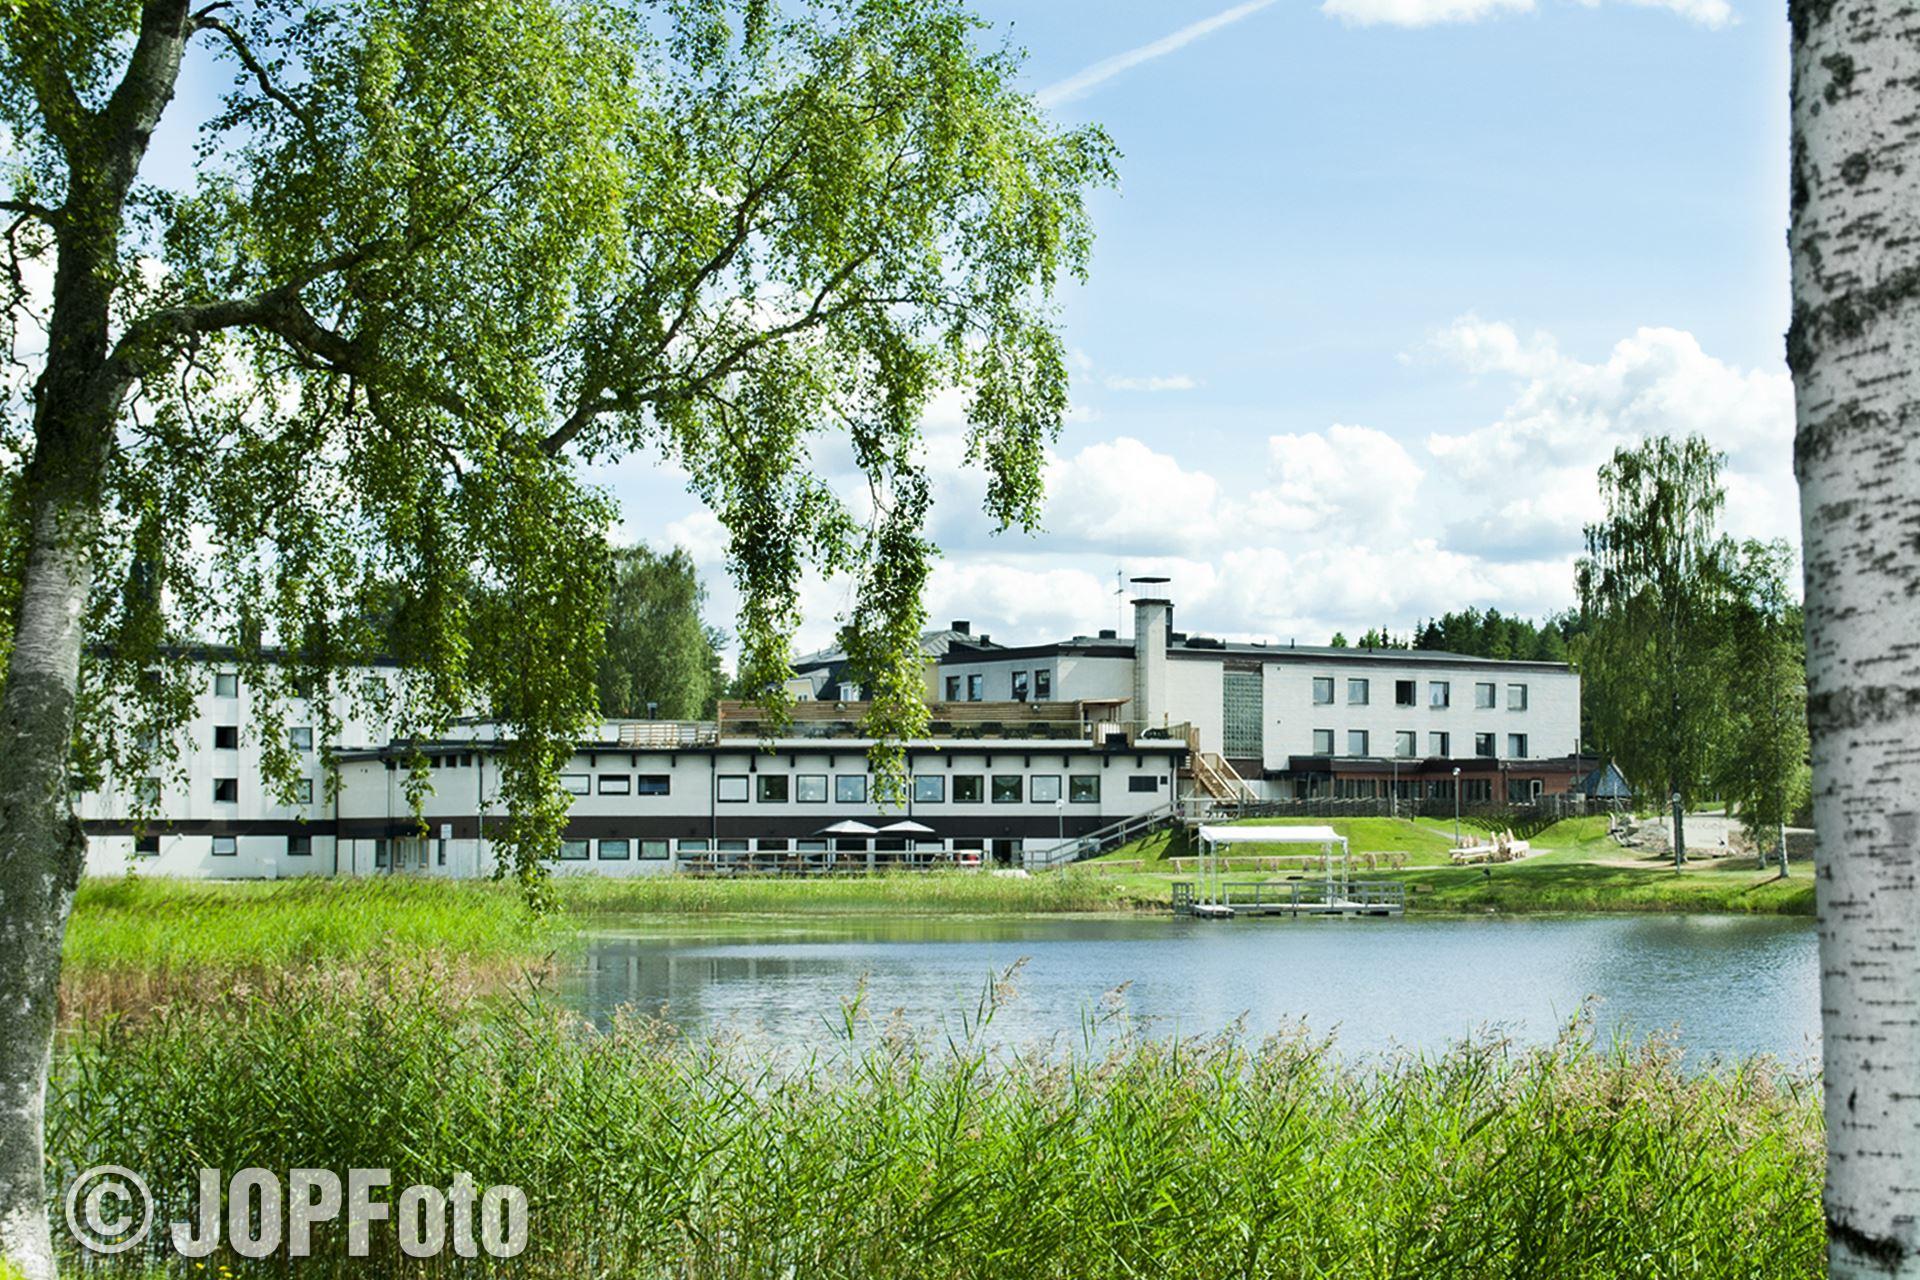 Svanbacken Hotell & Konferens